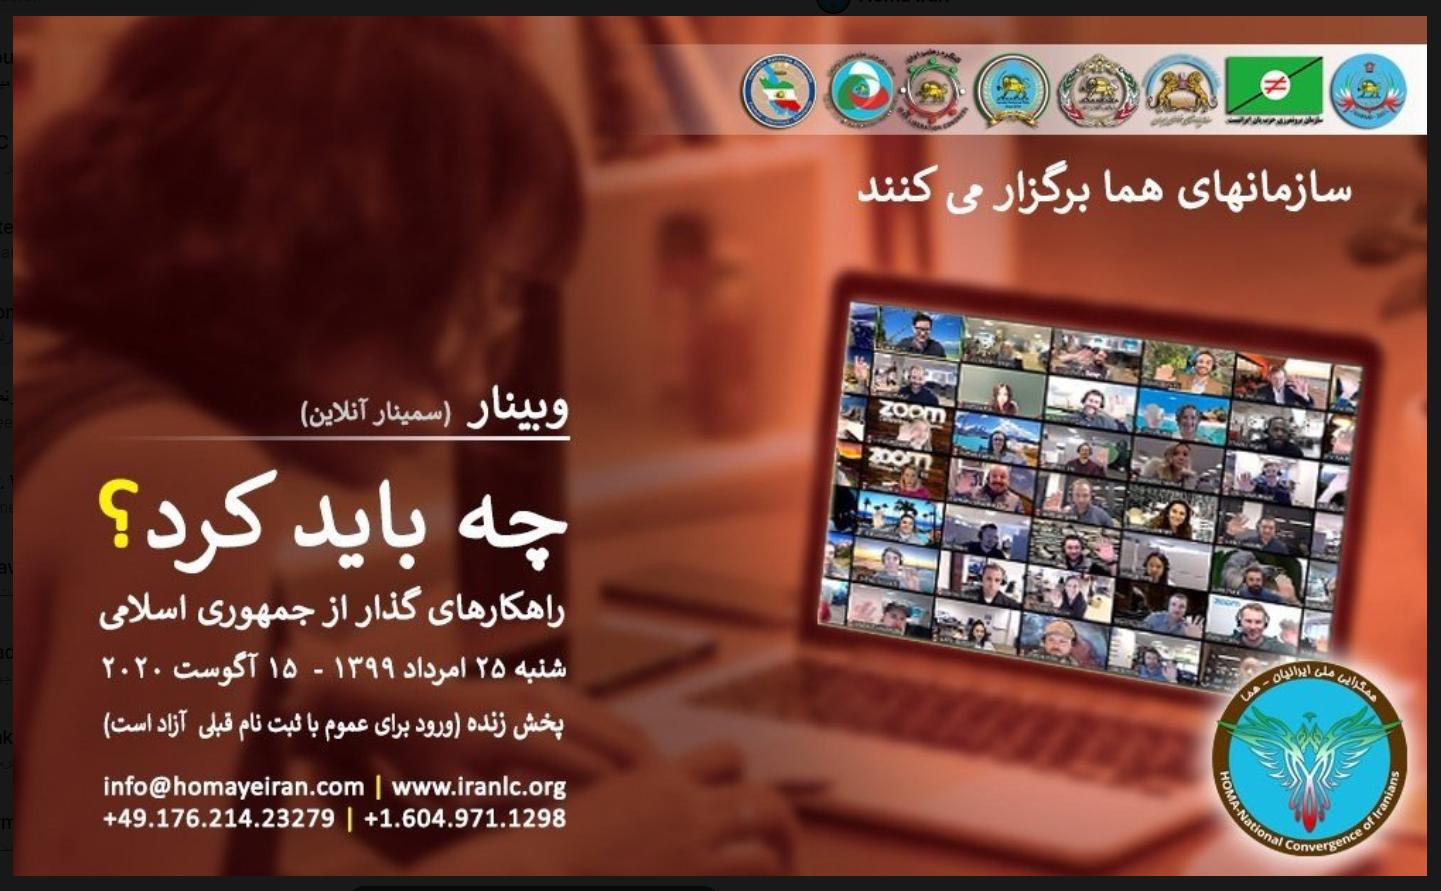 وبینار سازمانهای هما (همگرایی ملی ایرانیان): چه باید کرد؟